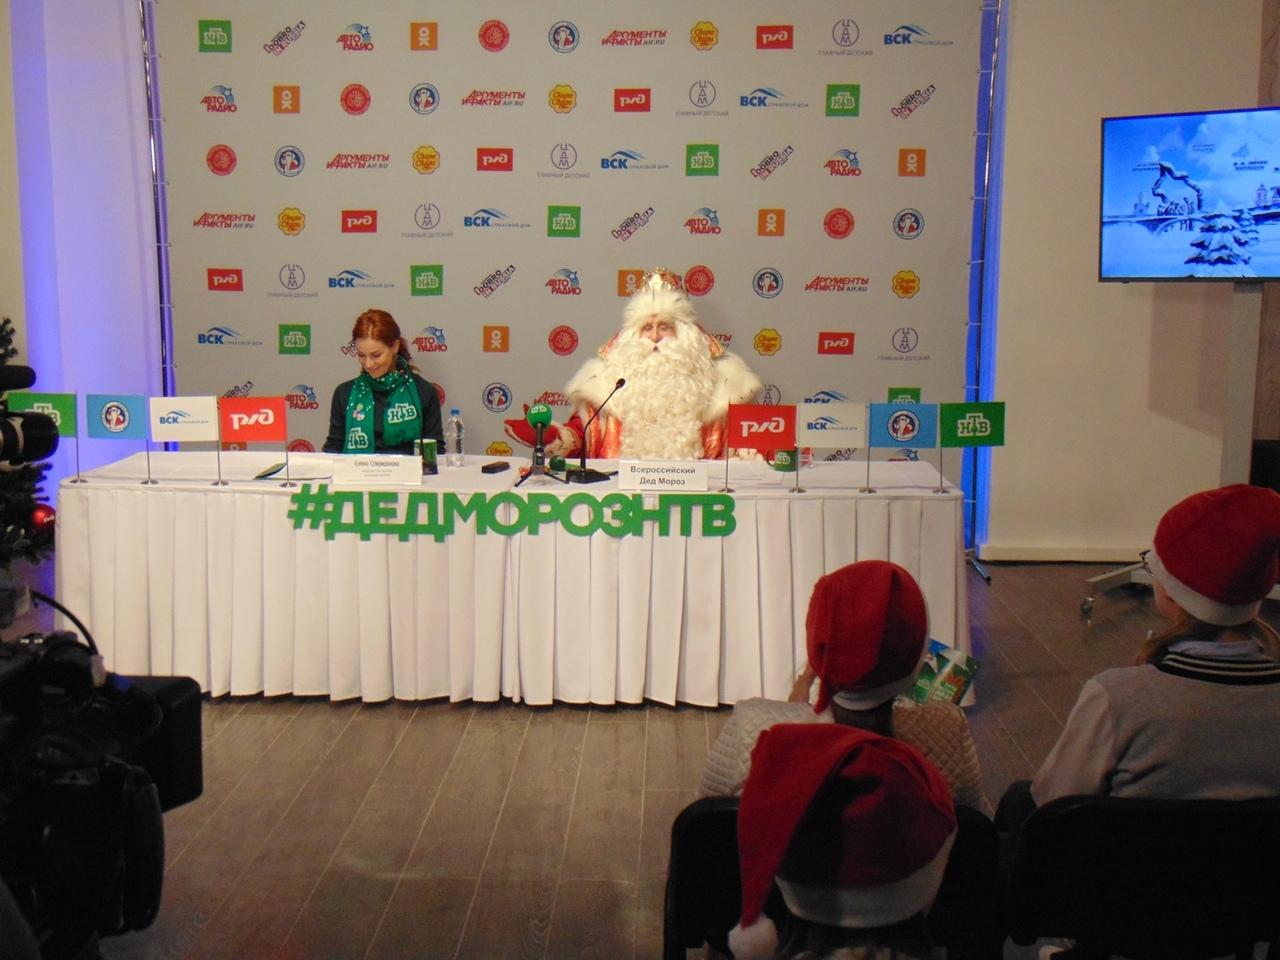 Жанна Ищук привезла Личное поздравление от Деда Мороза!